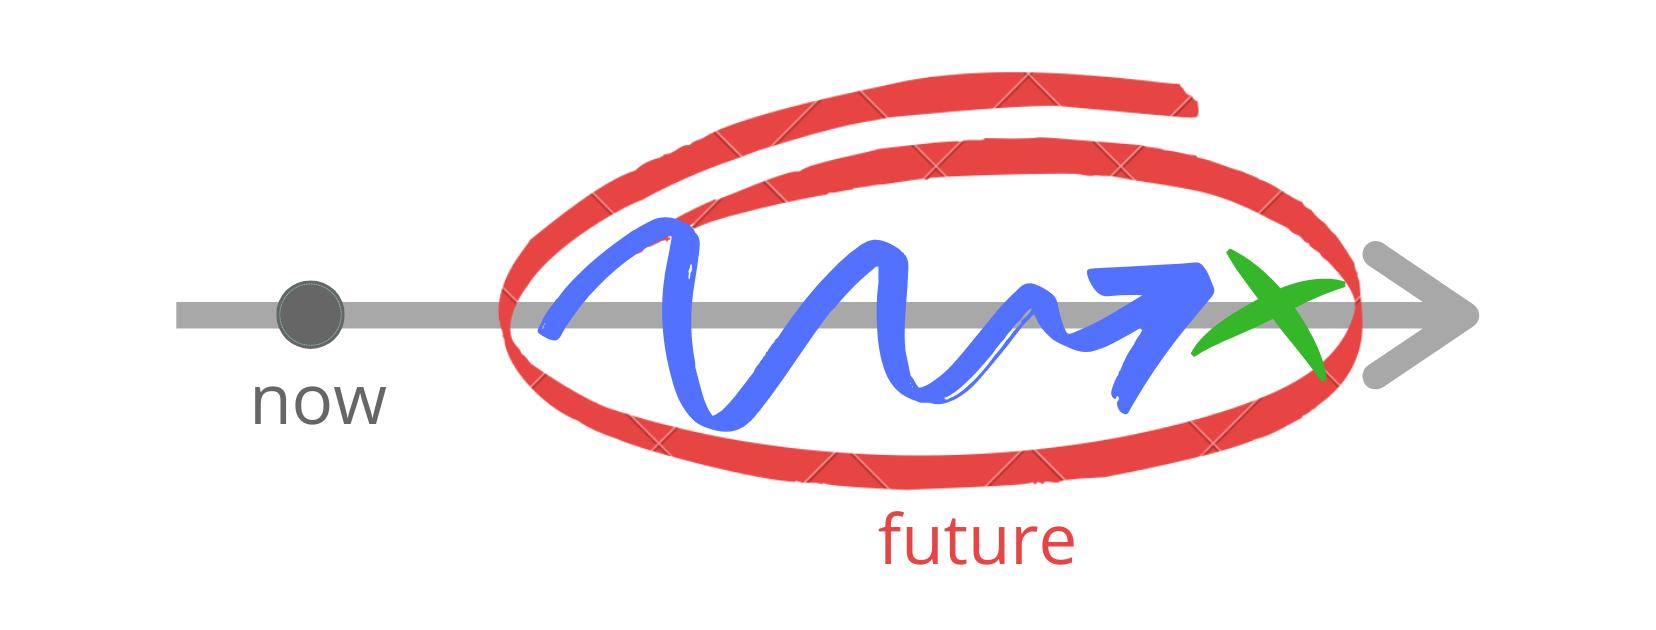 Схема будущего совершенного длительного времени